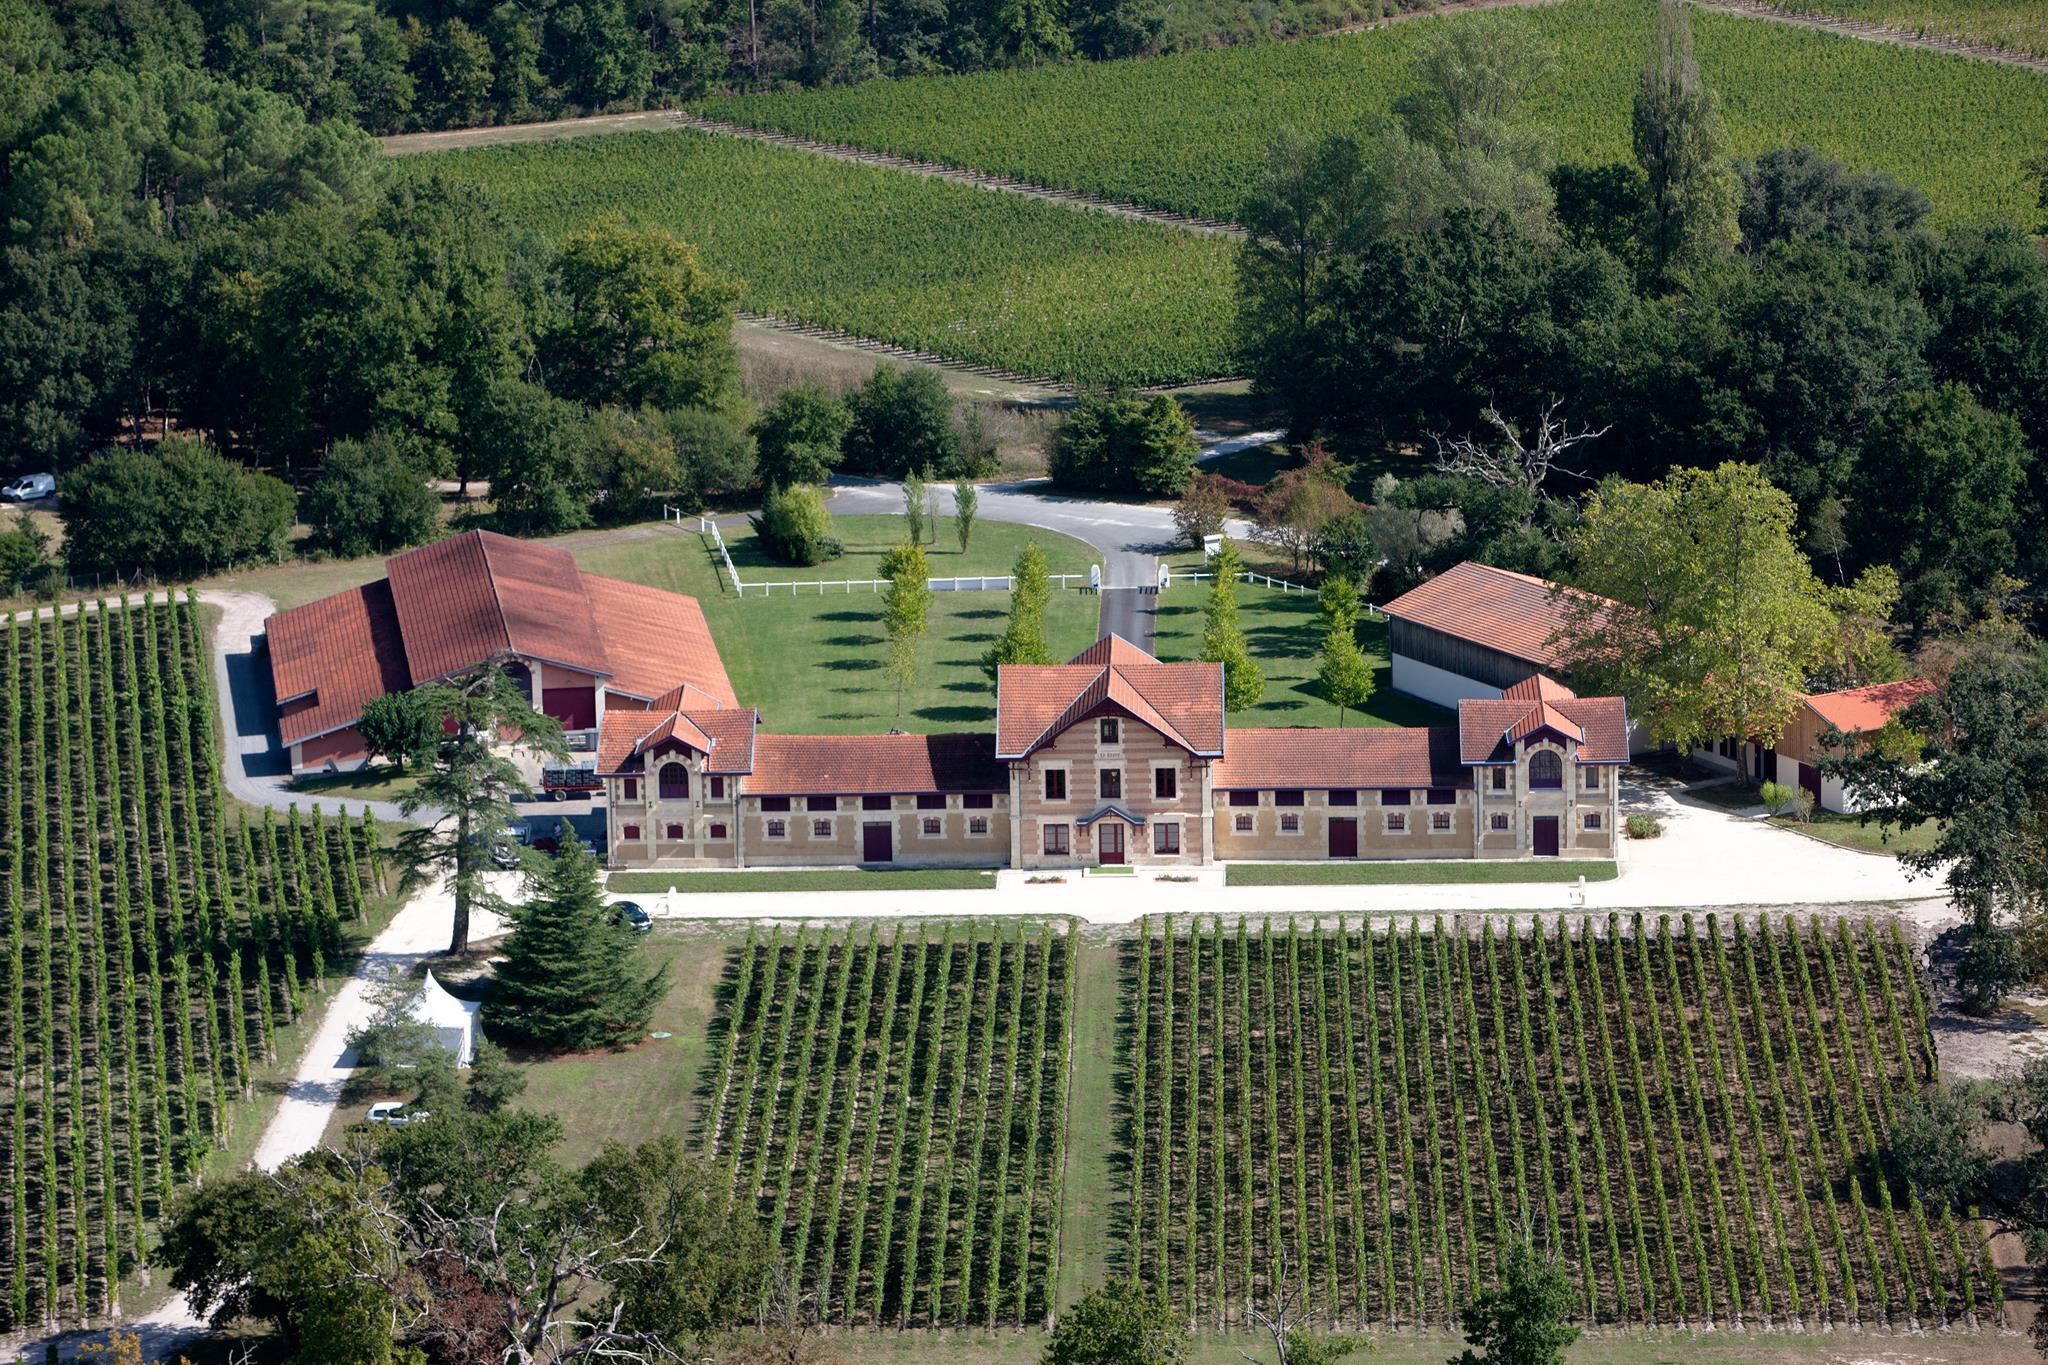 Chateau Le Sartre